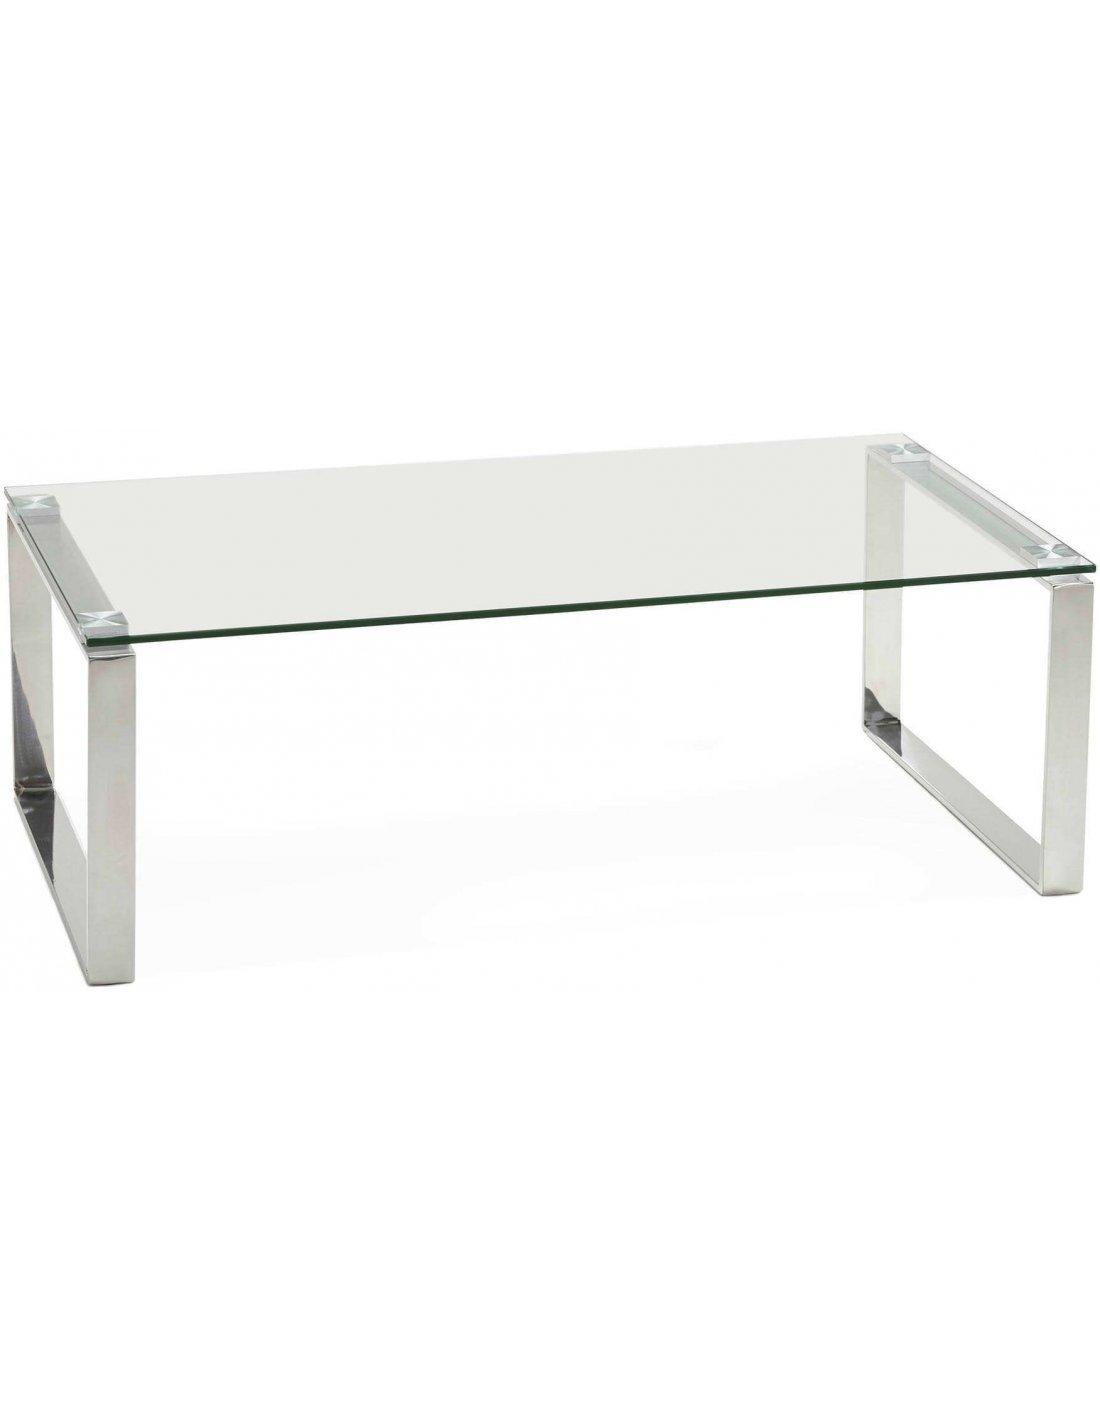 Design MinnesotaKokoon Design Table MinnesotaKokoon Basse Transparent Table Basse BdCoex